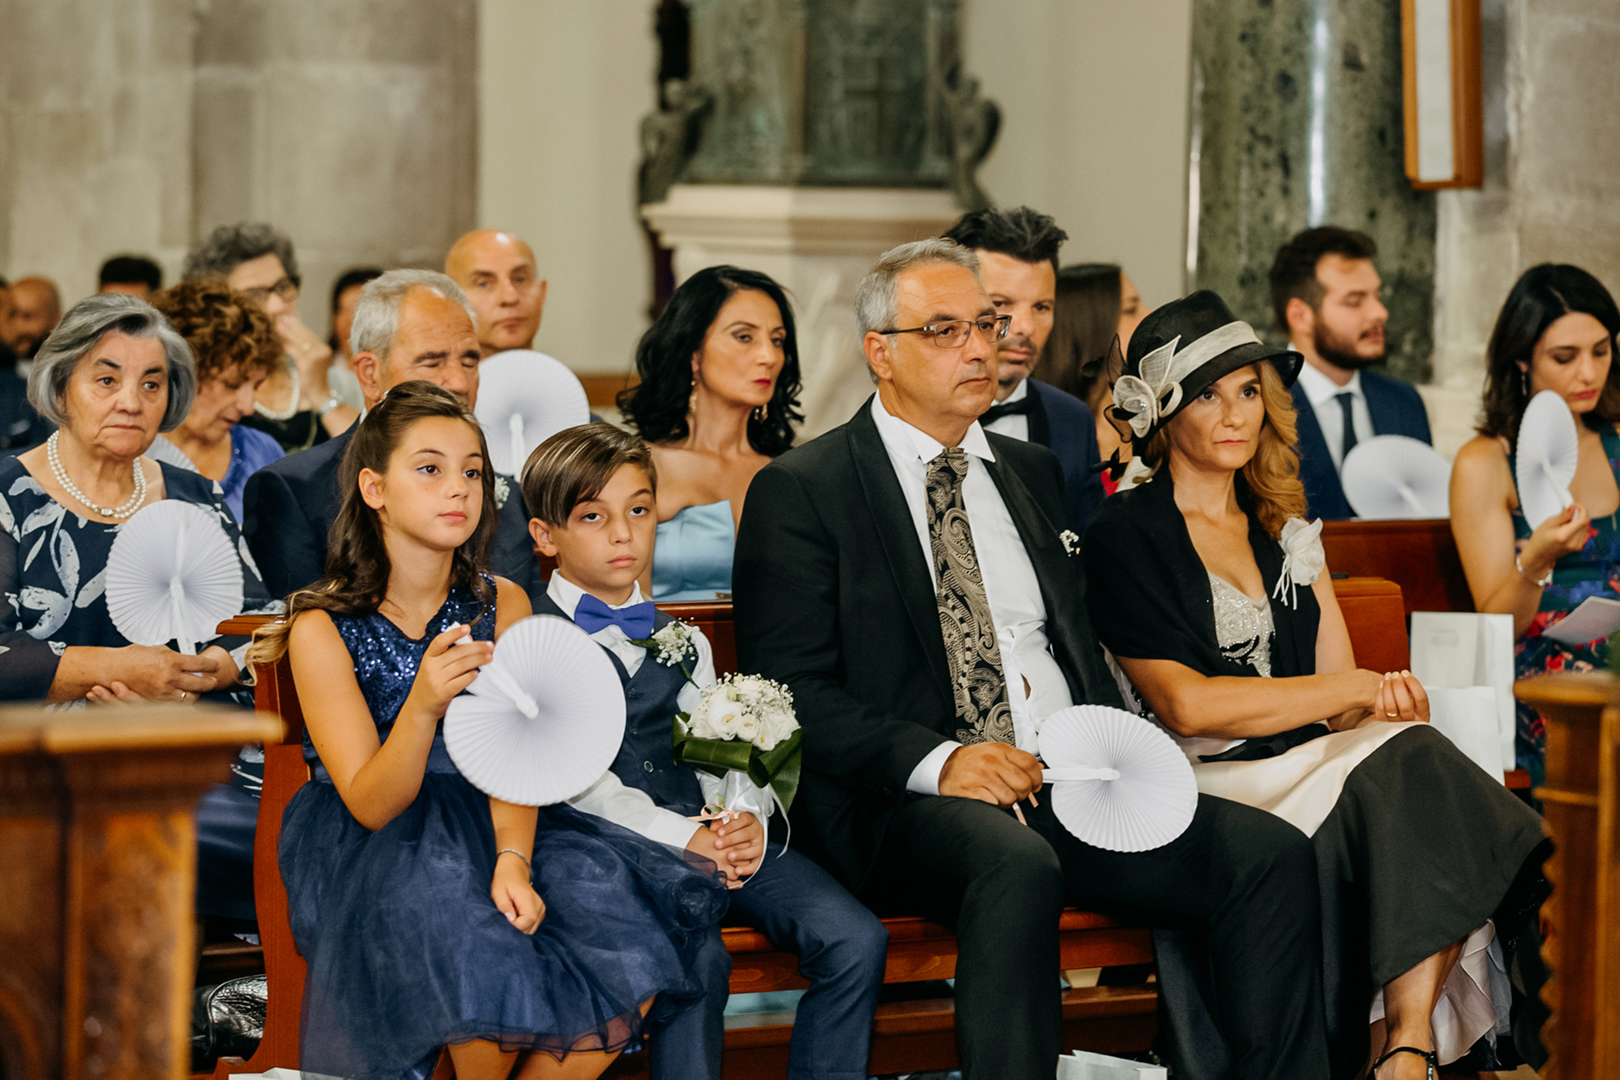 31 gianni-lepore-fotografo-genitori-sposa-chiesa-duomo-lucera